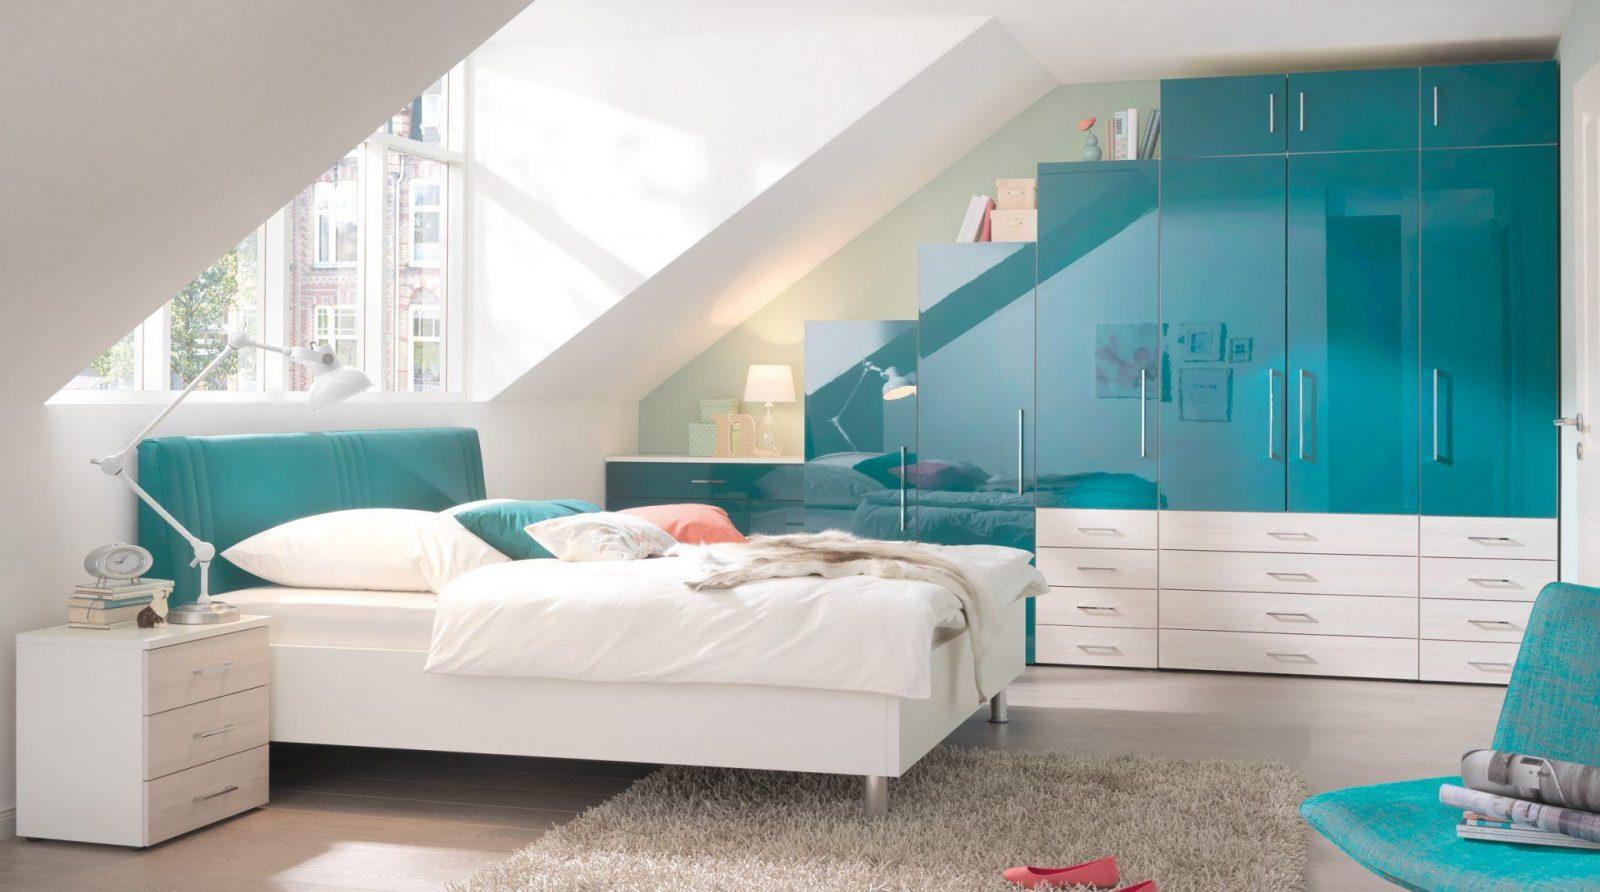 Einrichtungsideen Schlafzimmer Mit Dachschräge Von Inspirierend Haus von Einrichtungsideen Schlafzimmer Mit Dachschräge Bild